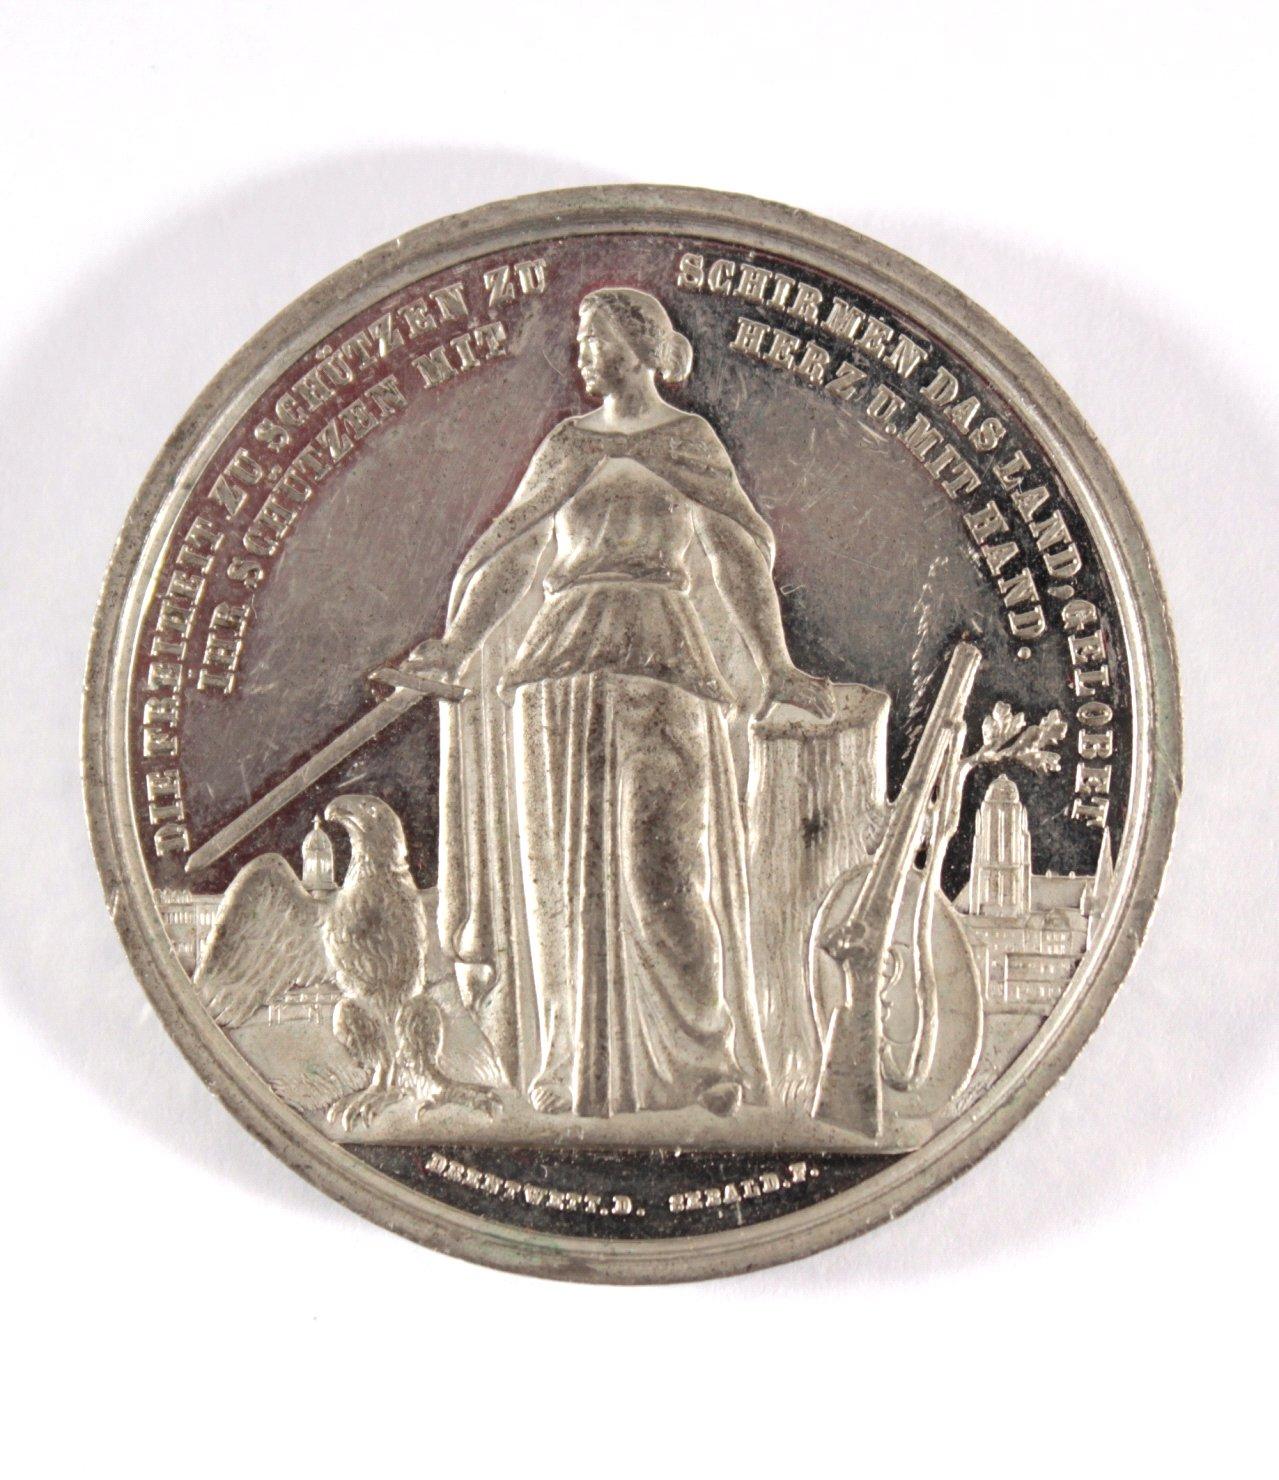 Medaille Frankfurt am Main, Schützenfest 1862